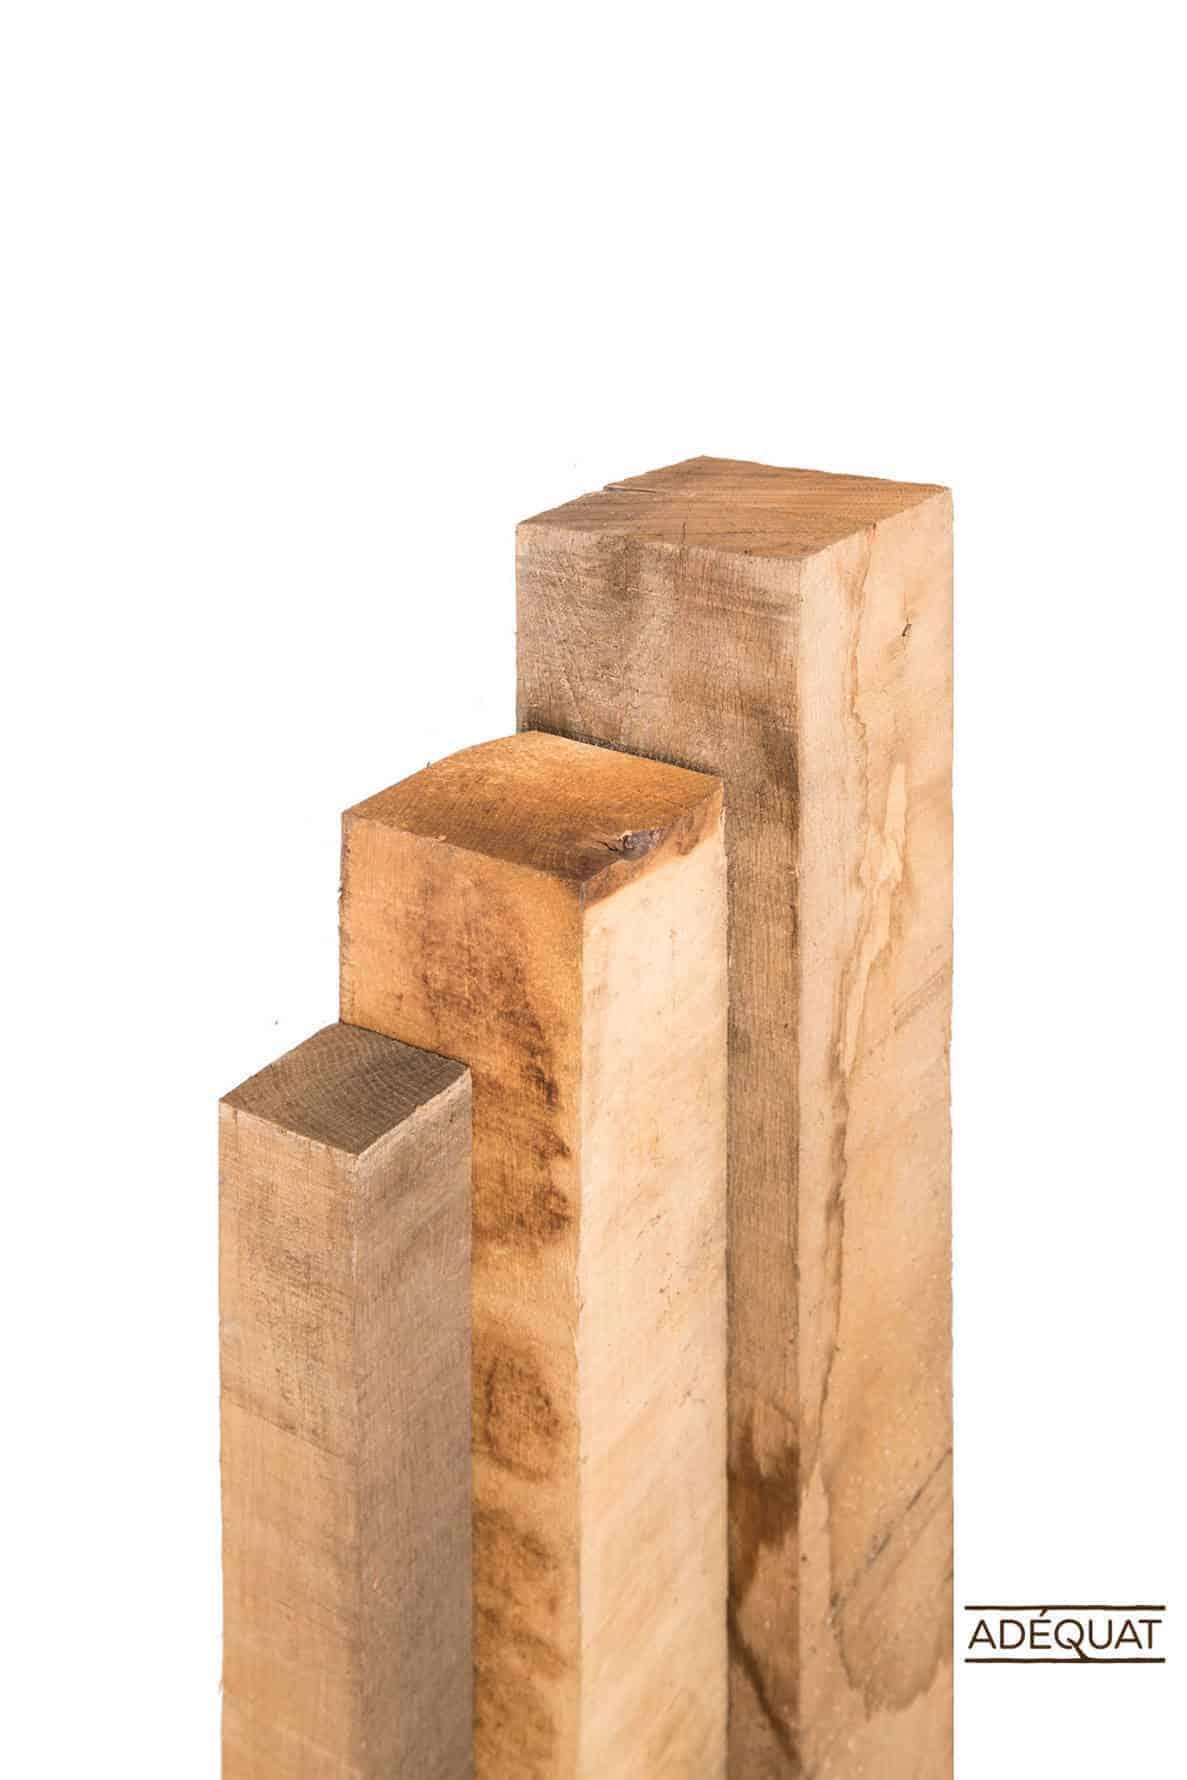 Duurzaamheidsklasse van houtsoorten